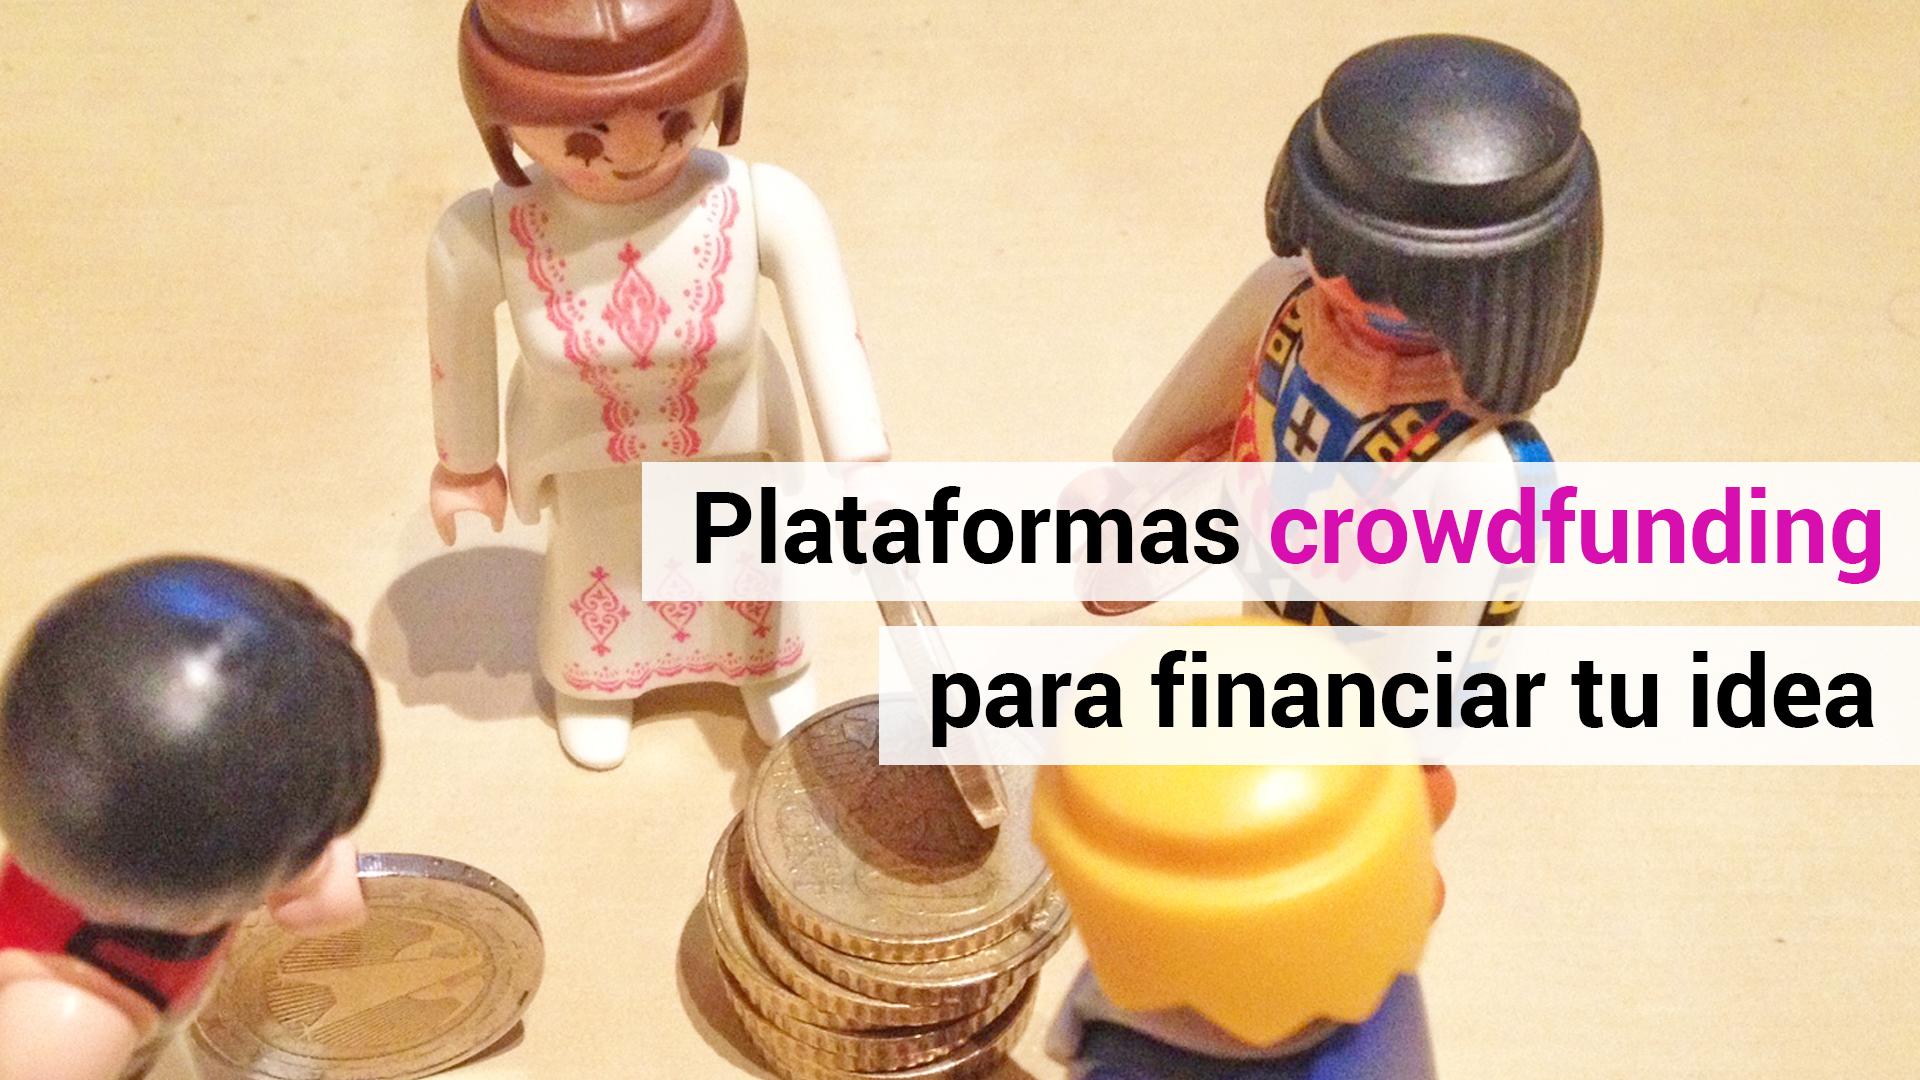 10 plataformas de crowdfunding para financiar idea de negocio